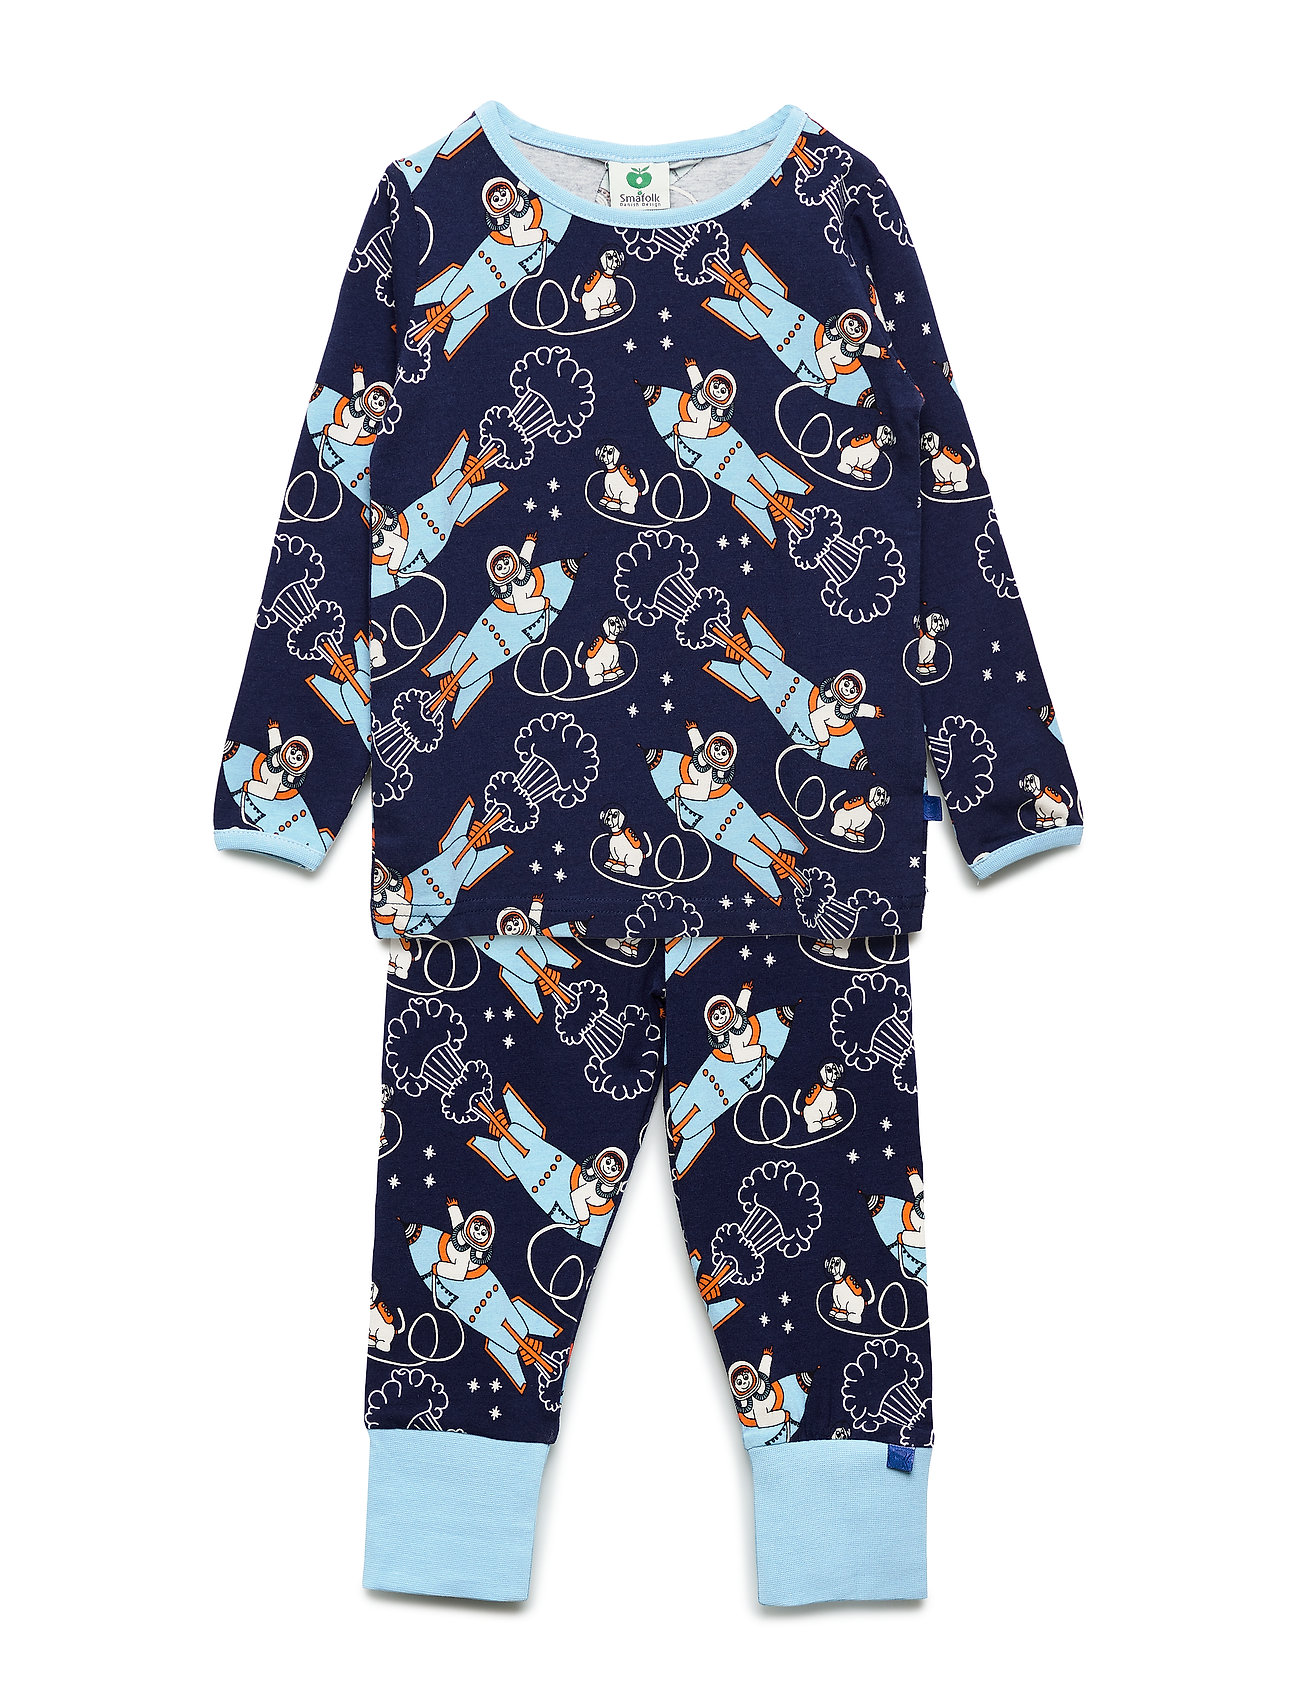 Småfolk Nightwear. Rocket - MEDIEVAL BLUE